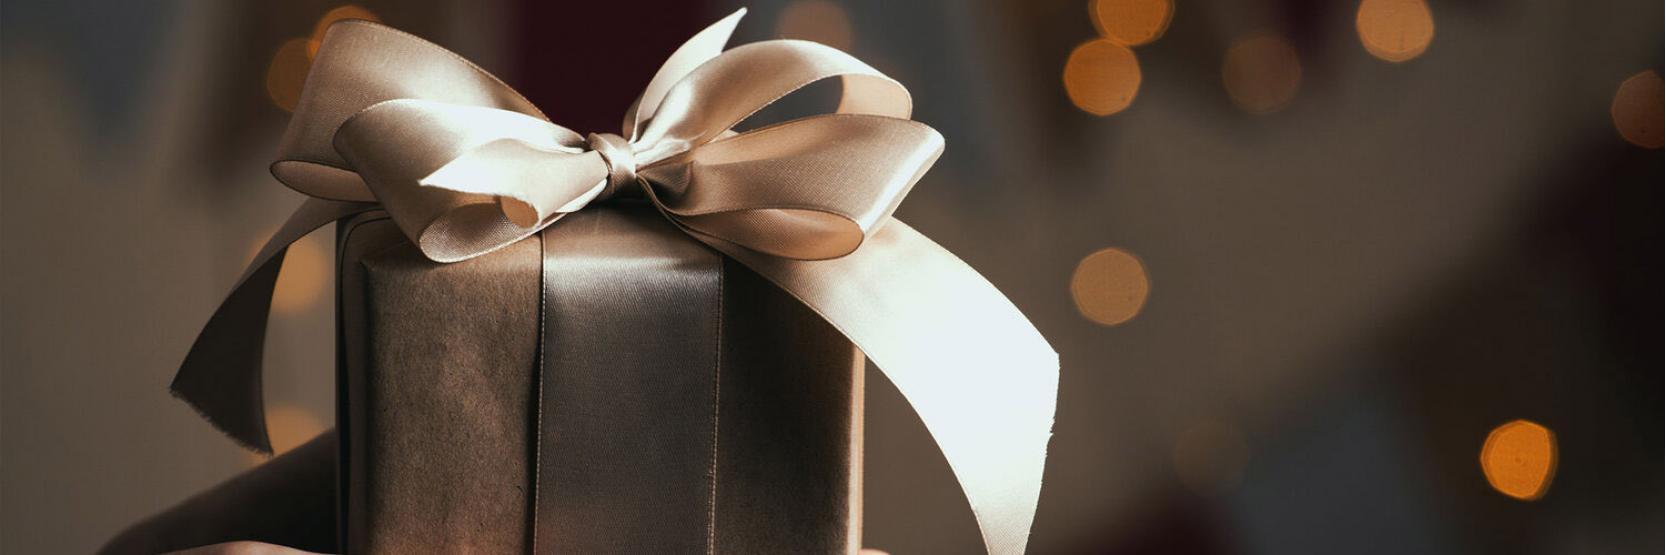 كيف تبحث عن الهدية المناسبة ؟